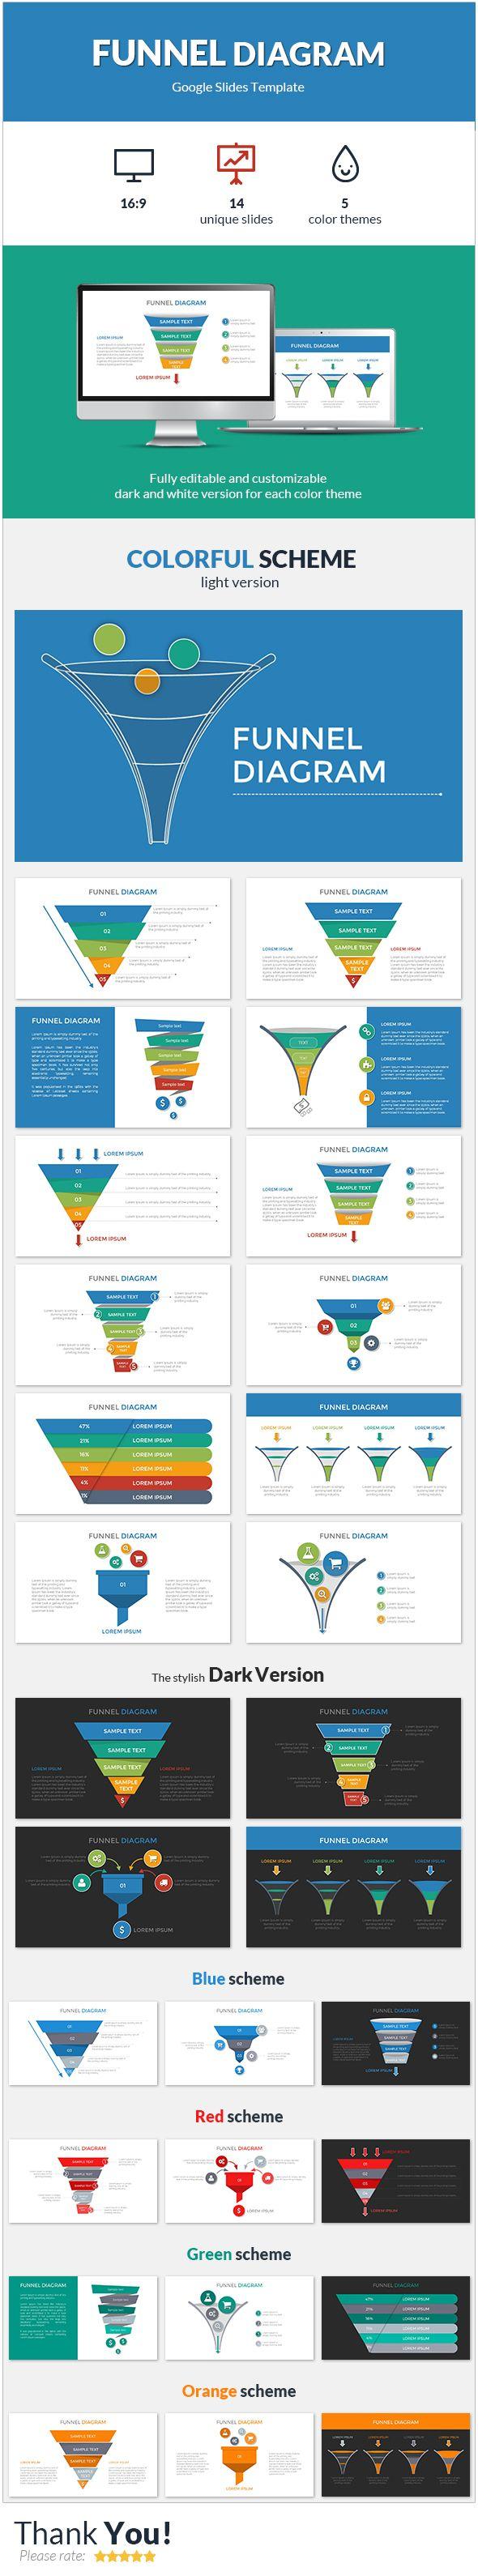 funnel diagram google slides template google slides presentation